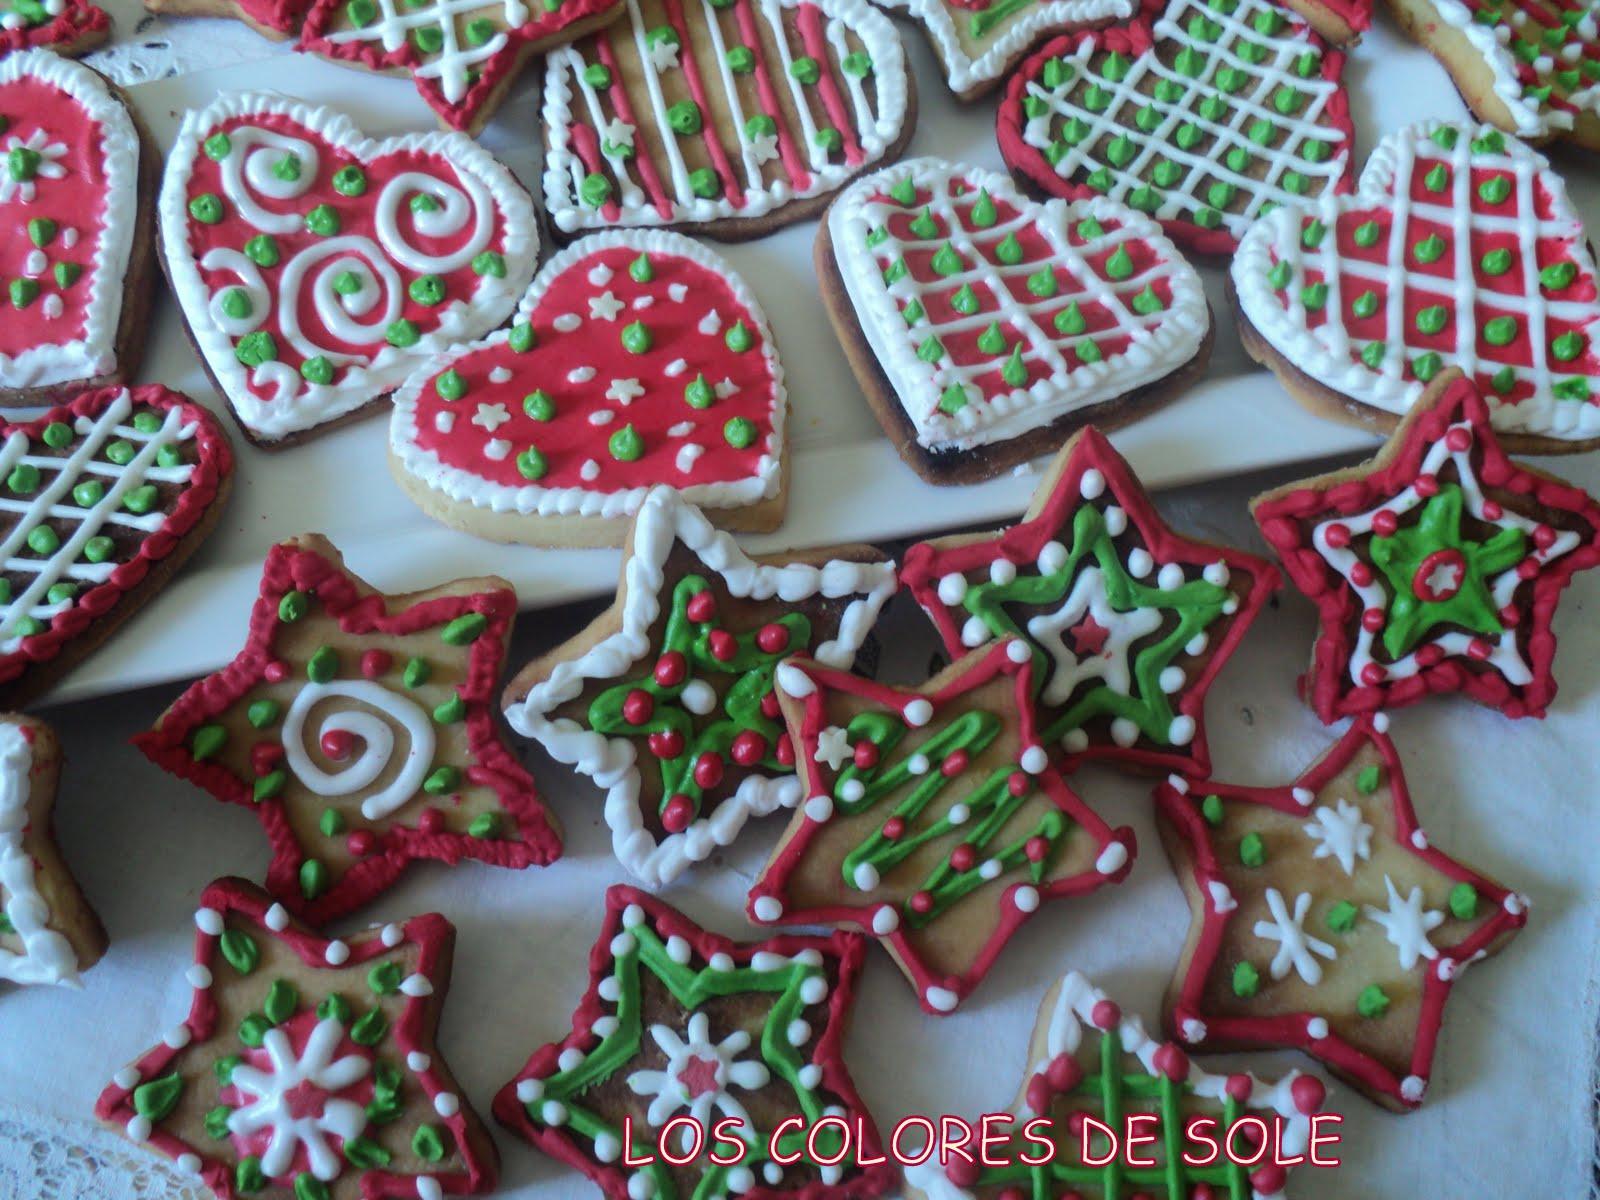 Los colores de sole los colores navide os llegaron a mi for Utilisima cocina